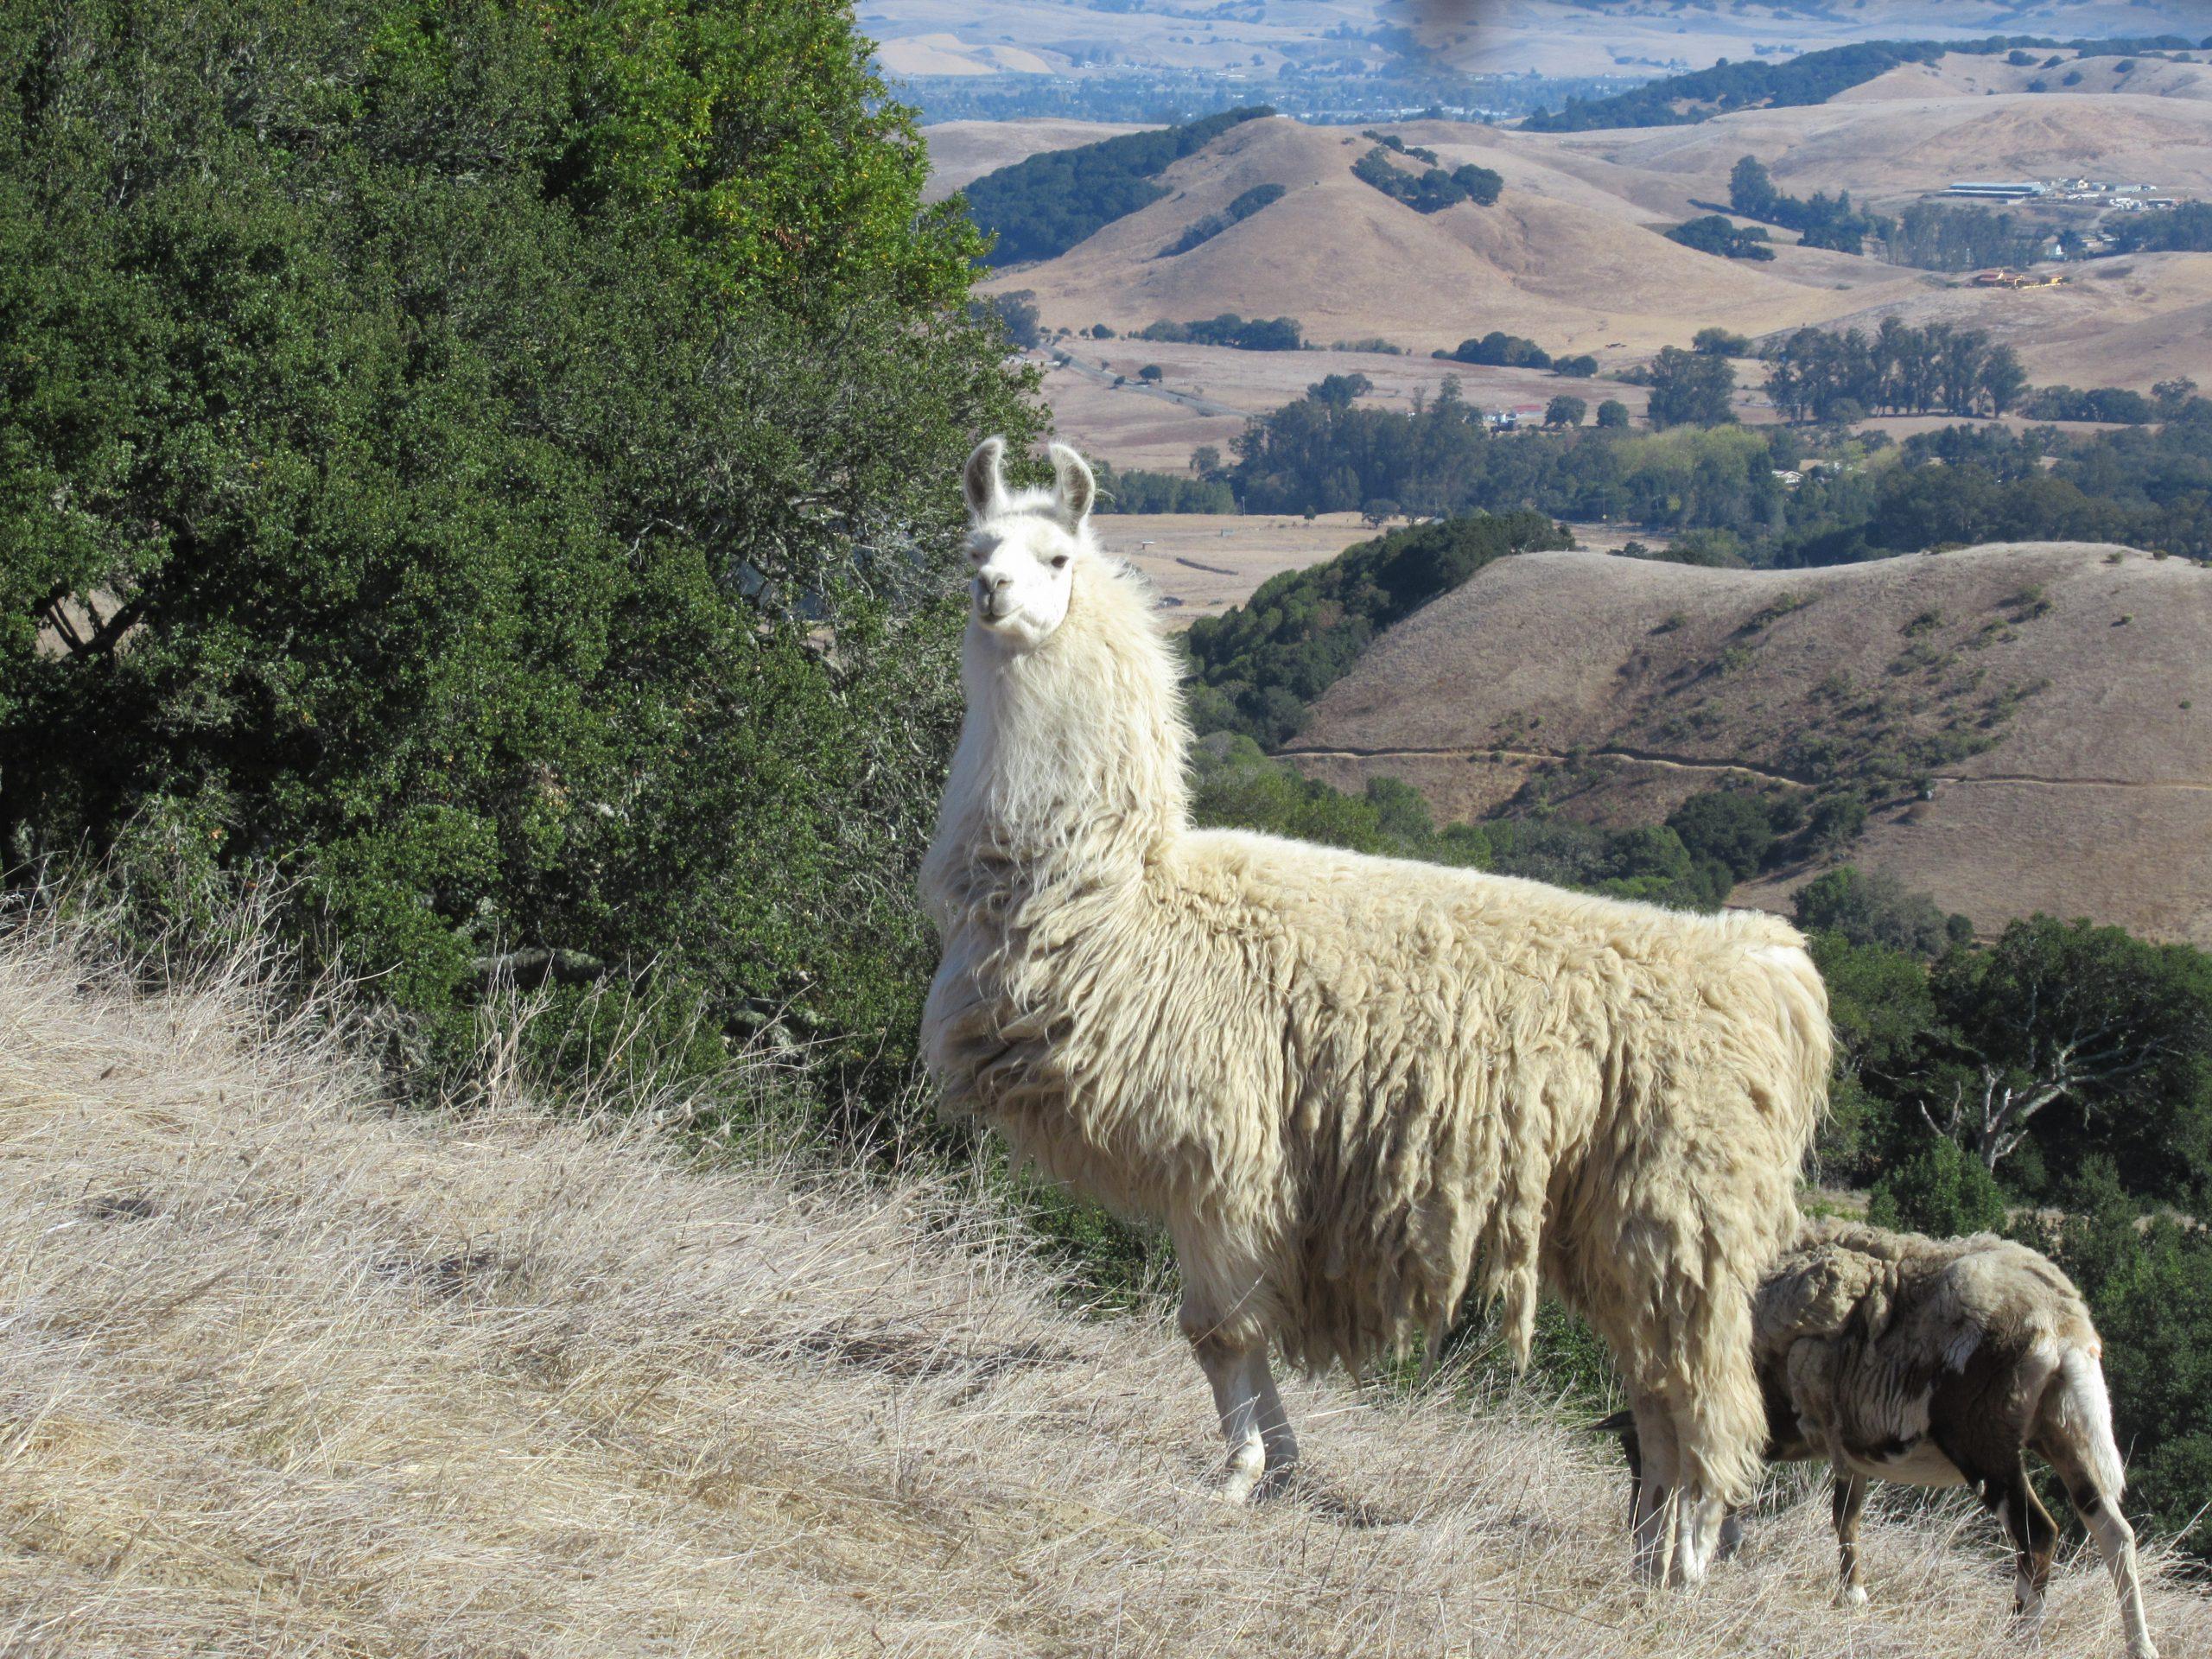 Llama at Stubbs